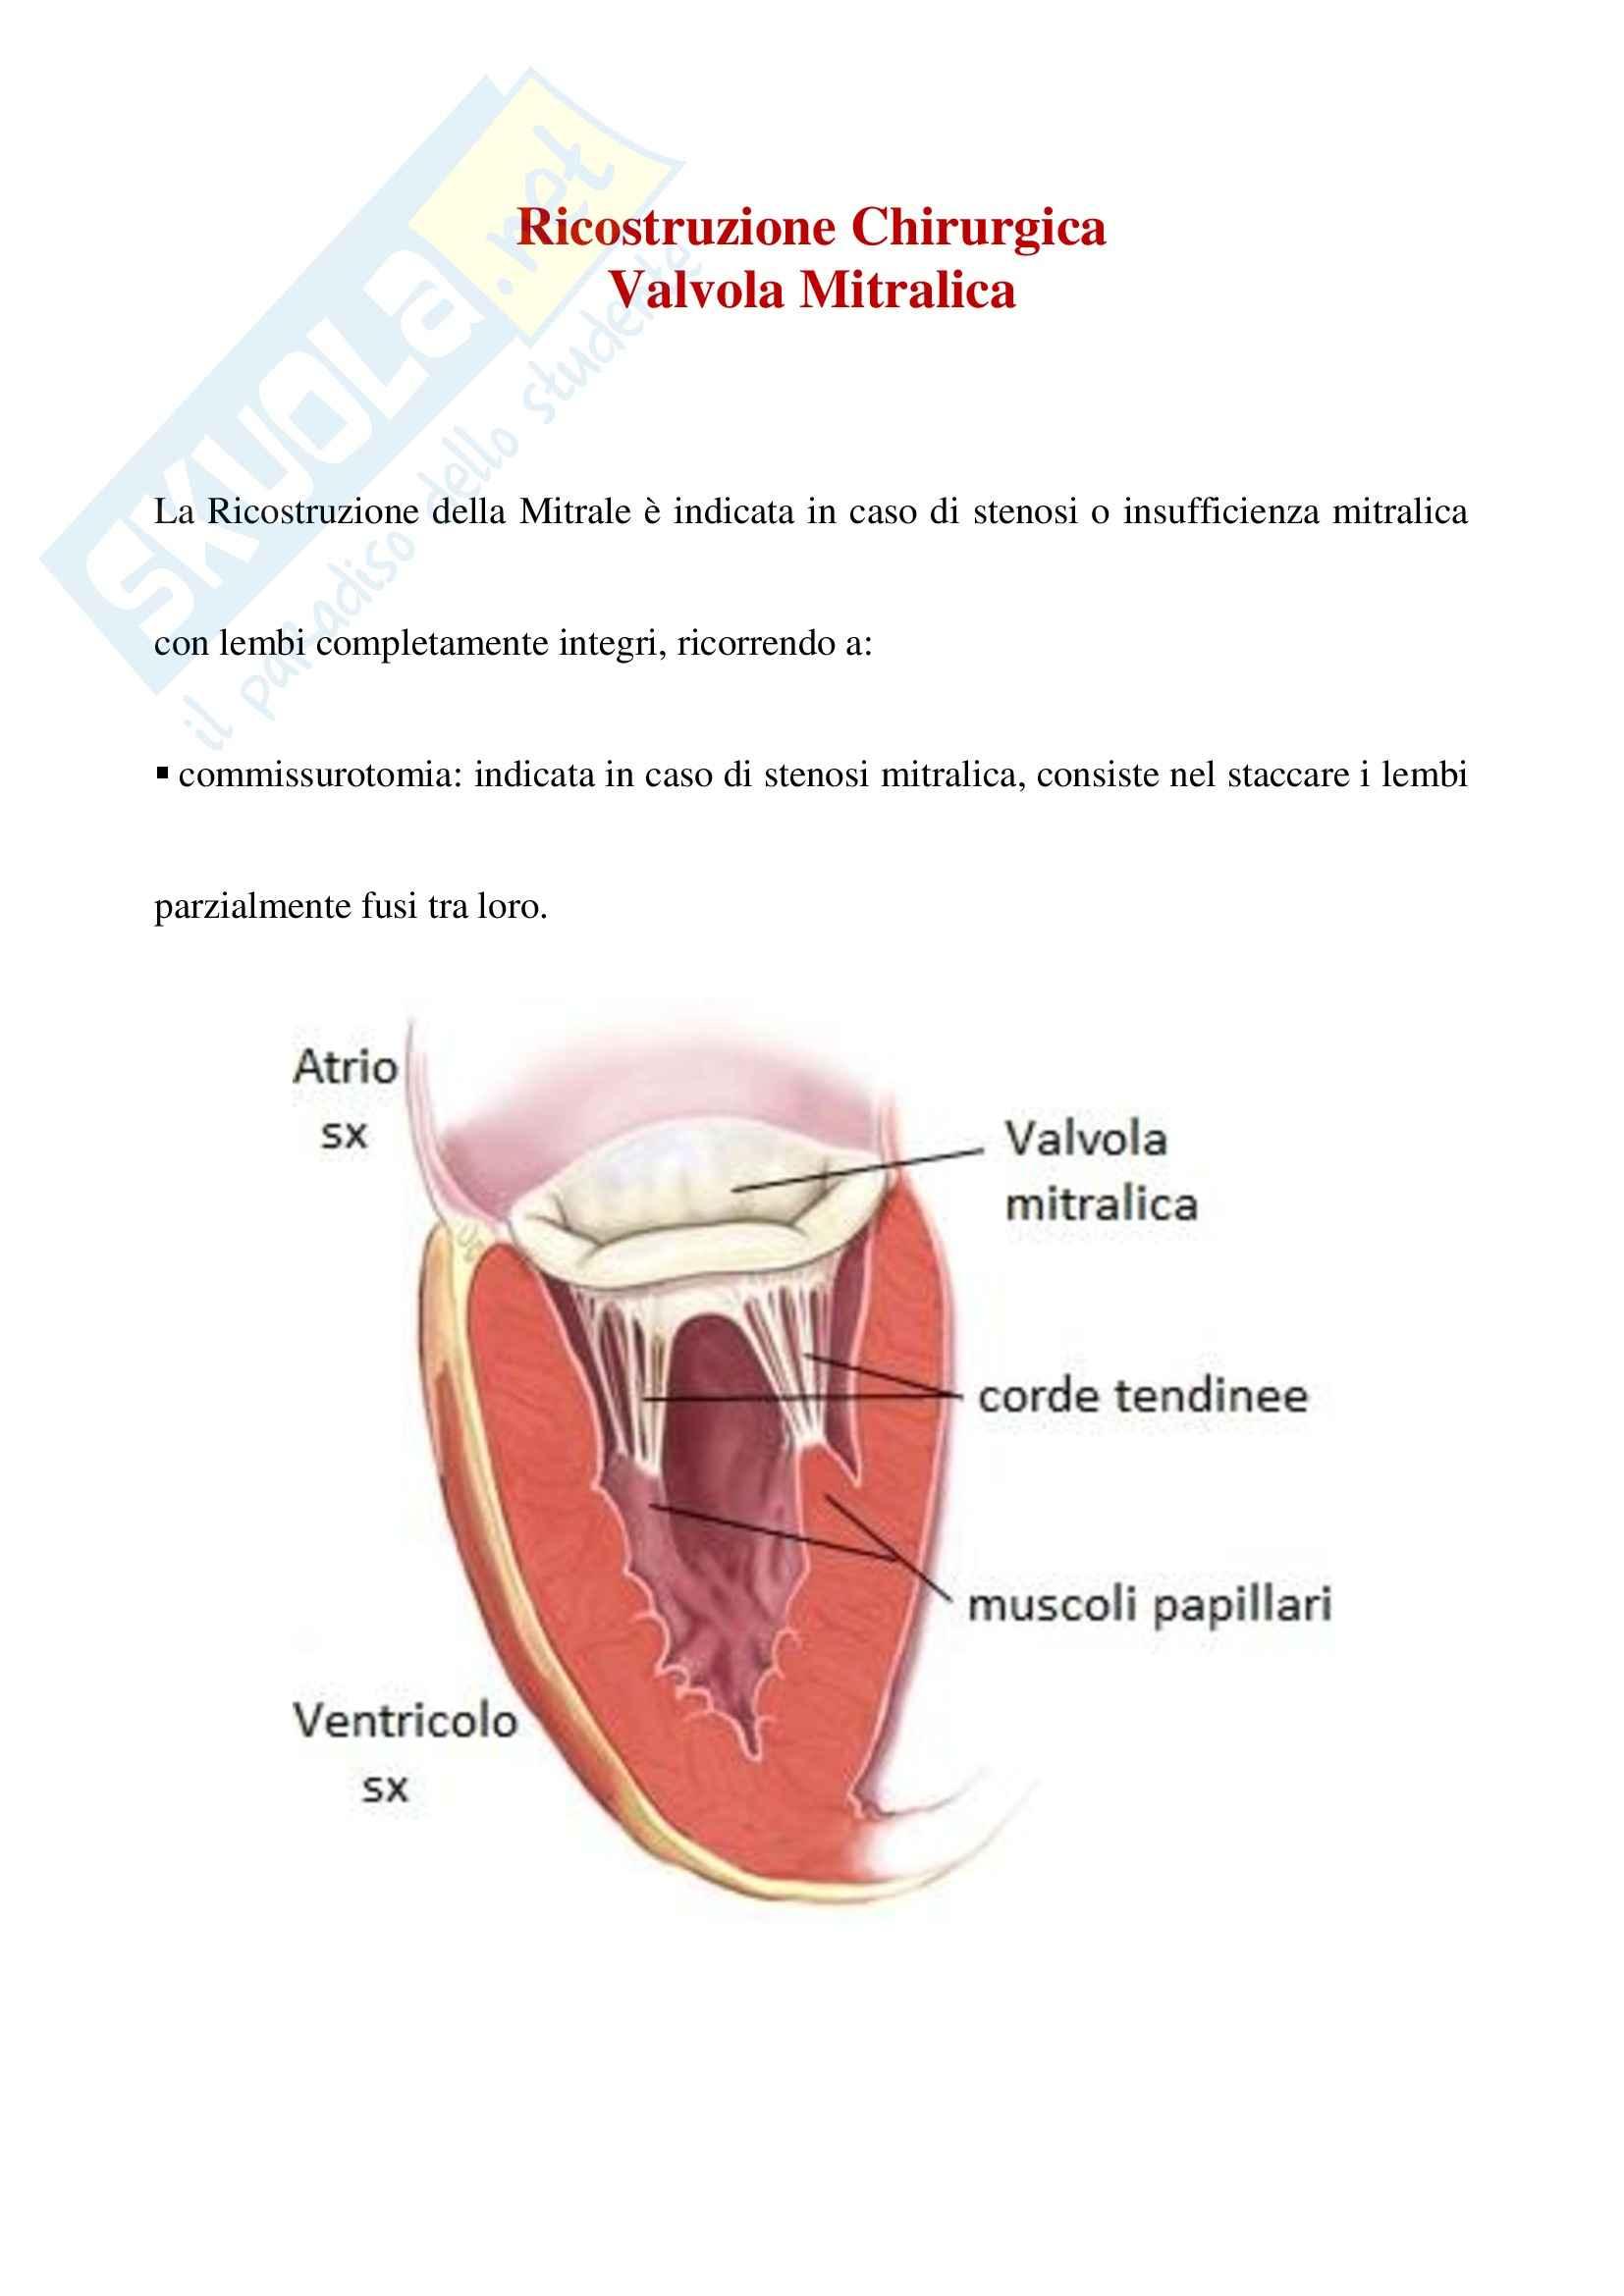 Cardiochirurgia - ricostruzione chirurgica della mitrale